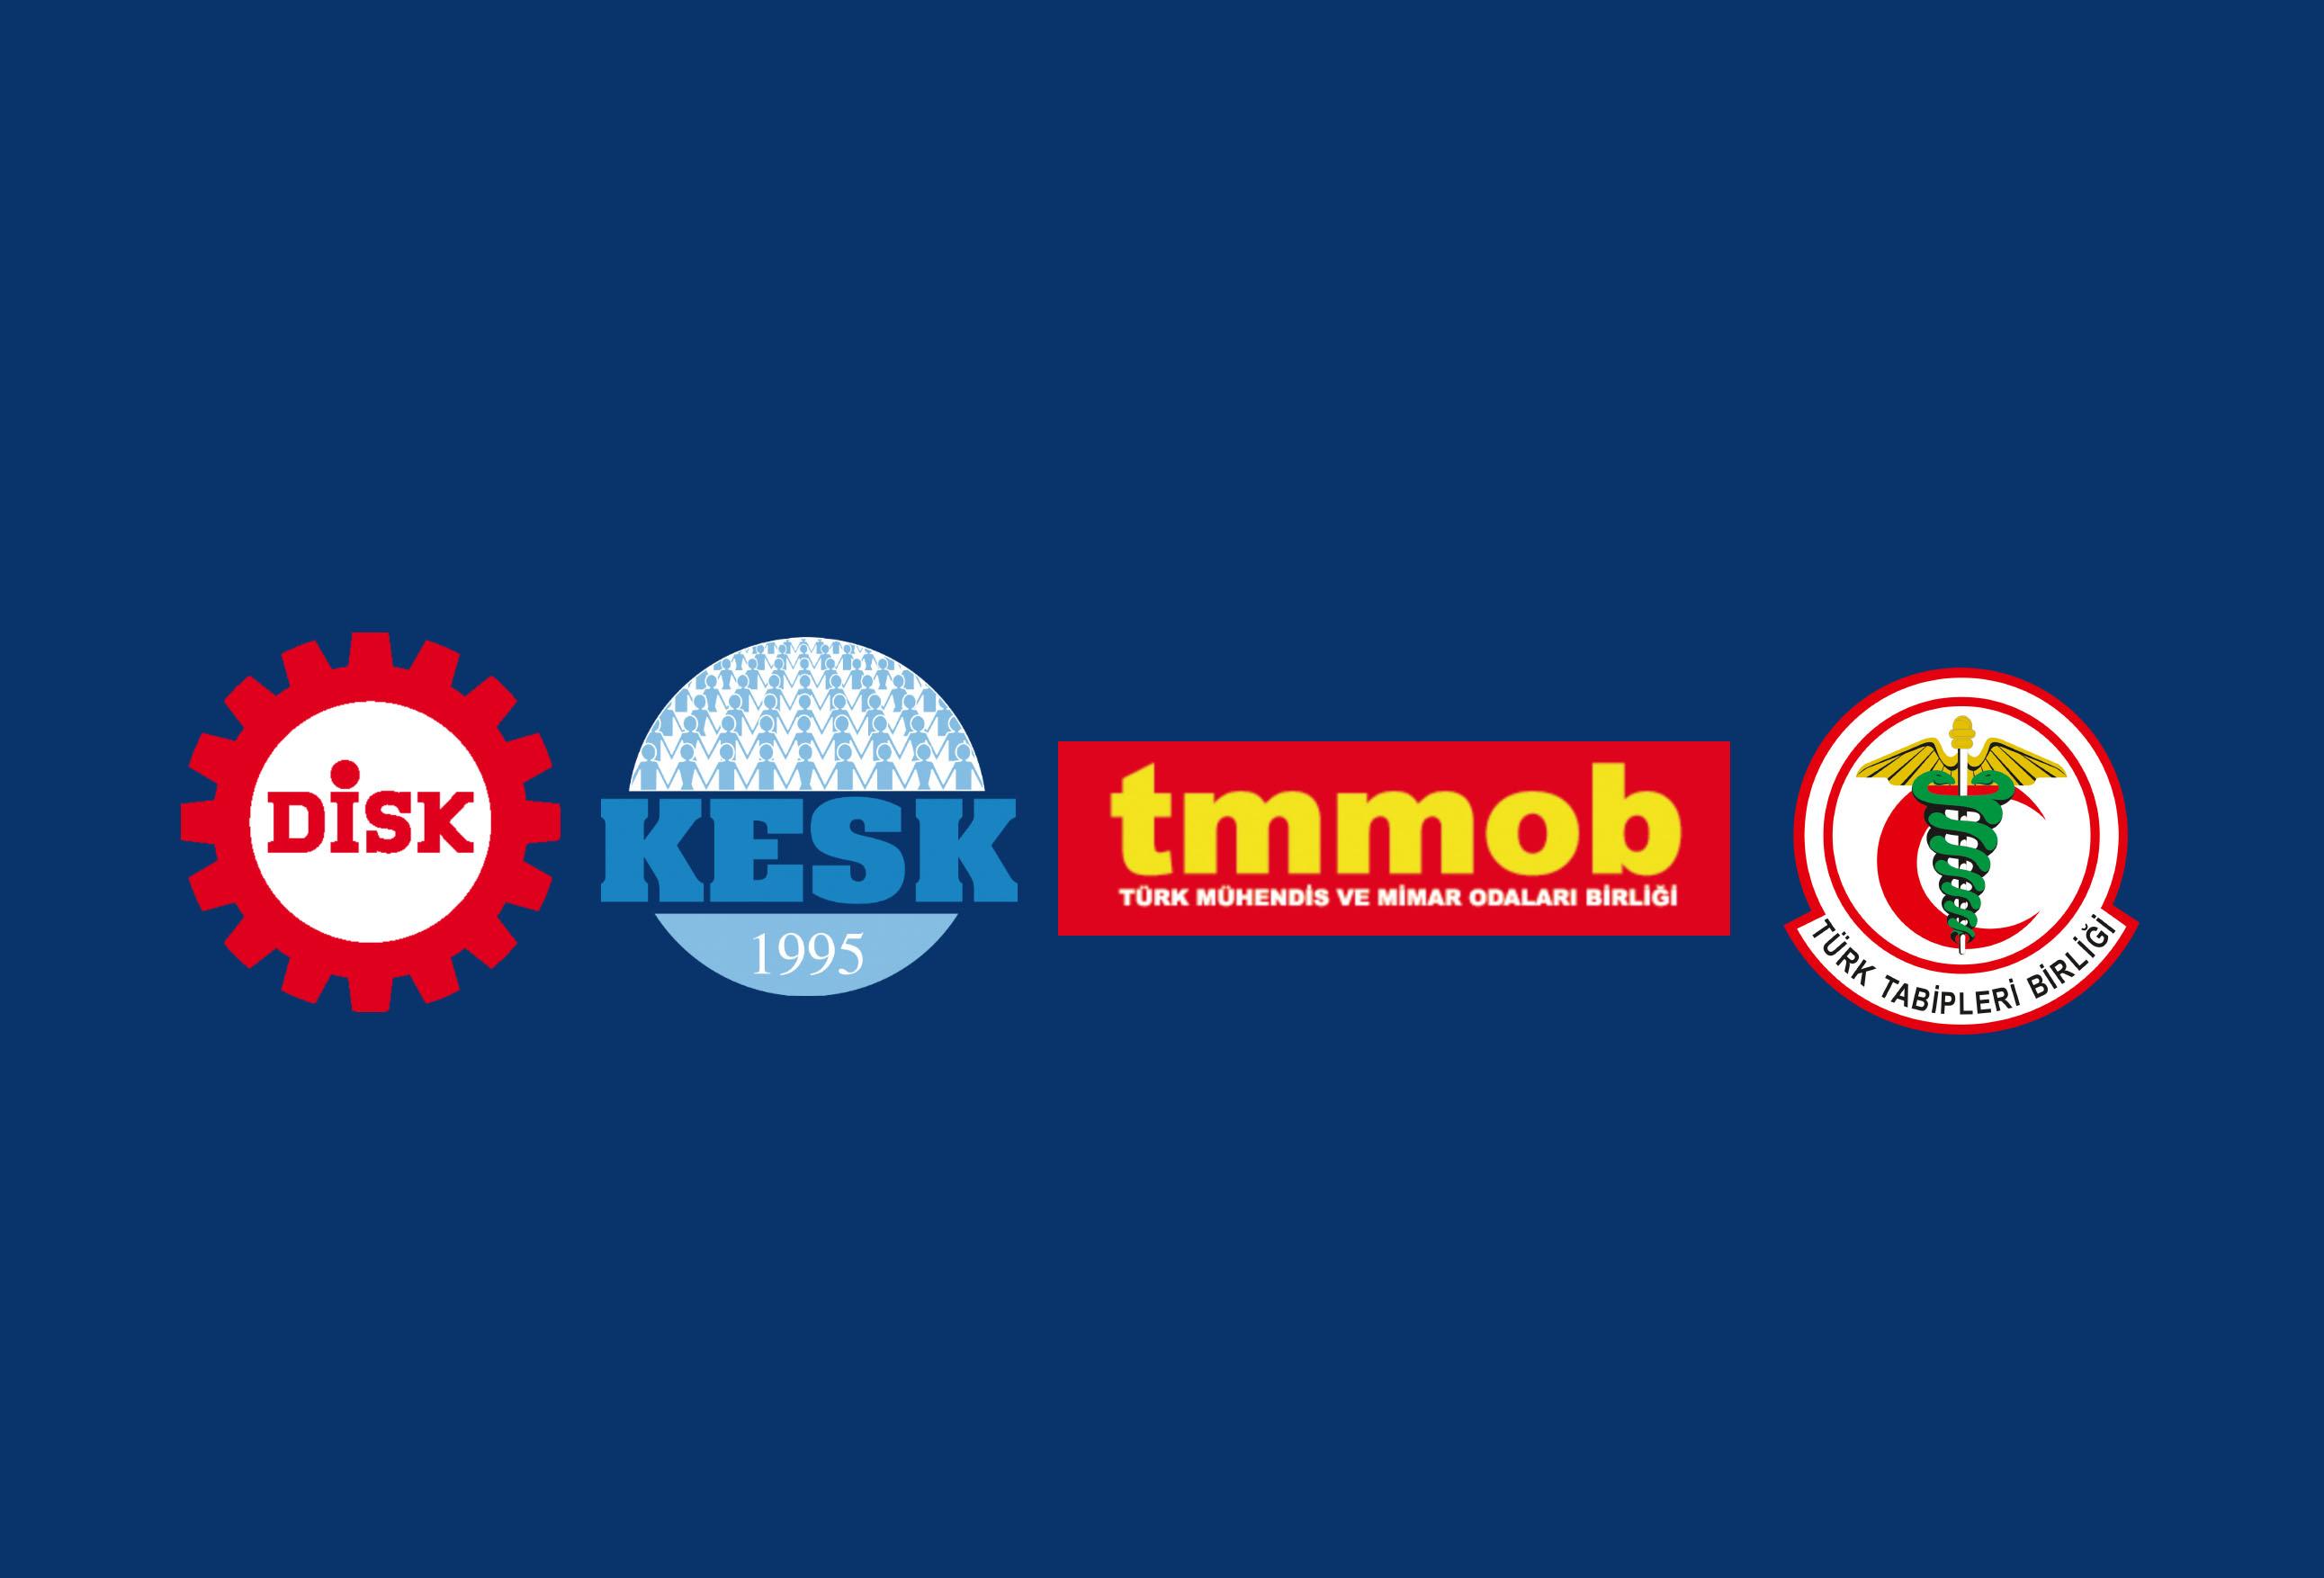 DİSK-KESK-TMMOB-TTB: Barış'ı, Özgürlüğü ve Eşitliği Bu Topraklarda Kökleşmiş Bir Ağaç Haline Getireceğimize Söz Veriyoruz!